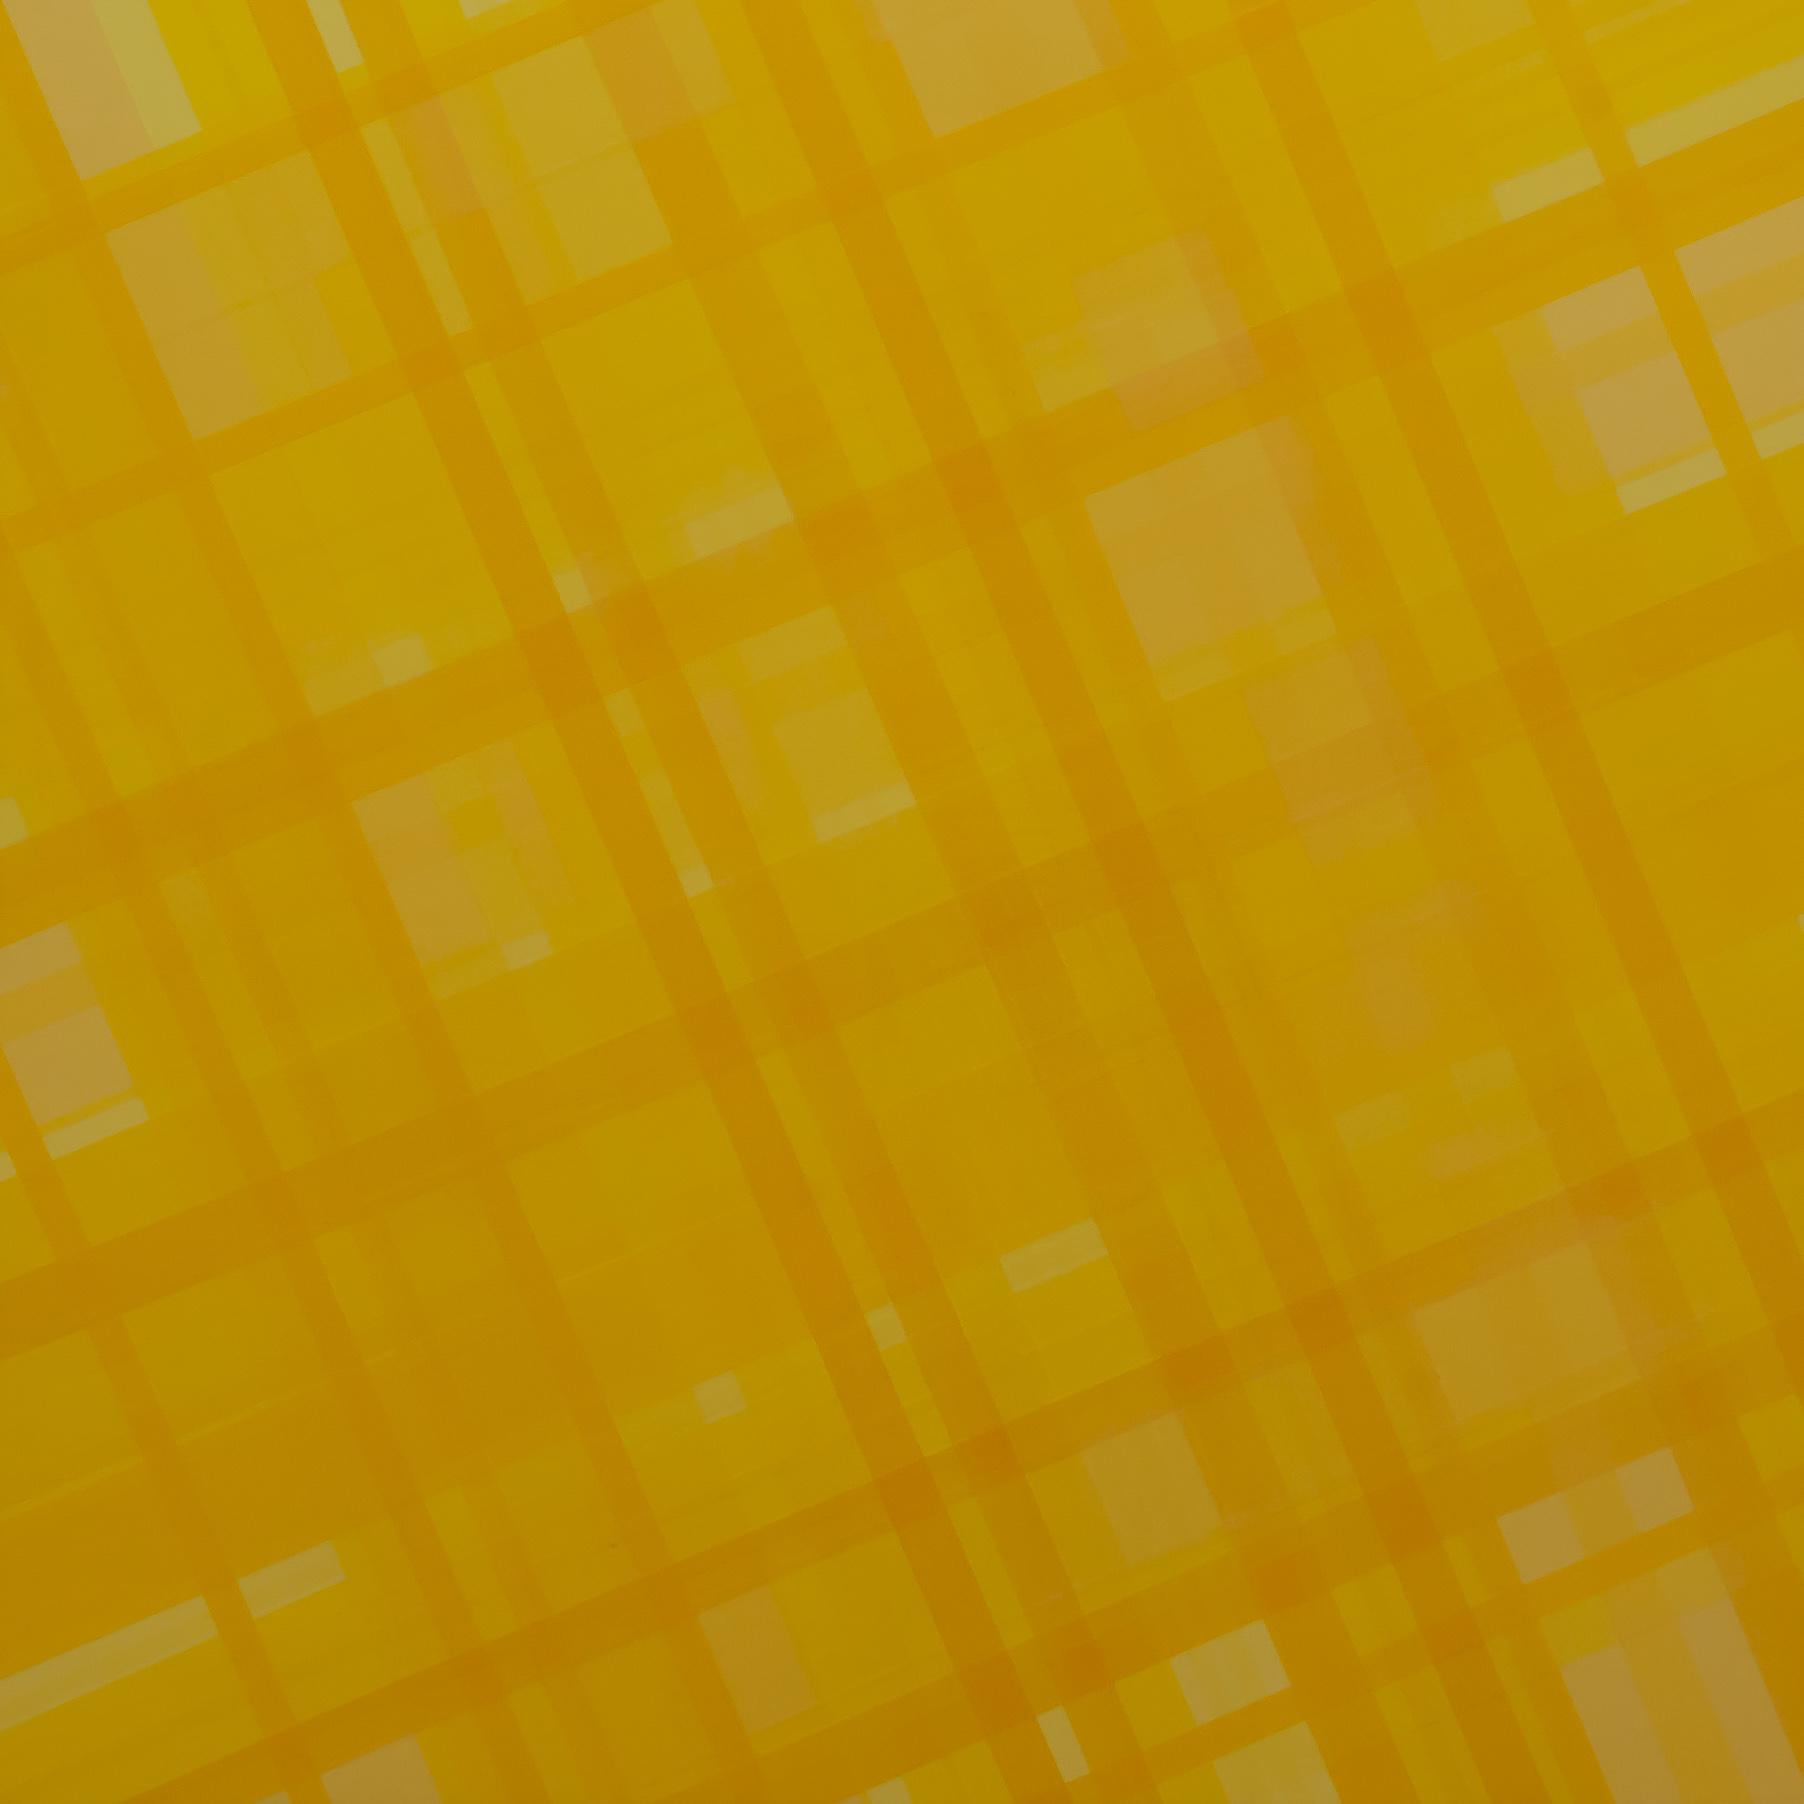 Yalla Balla, 2012, semi-transparent tape on panel, 18 x 18 inches